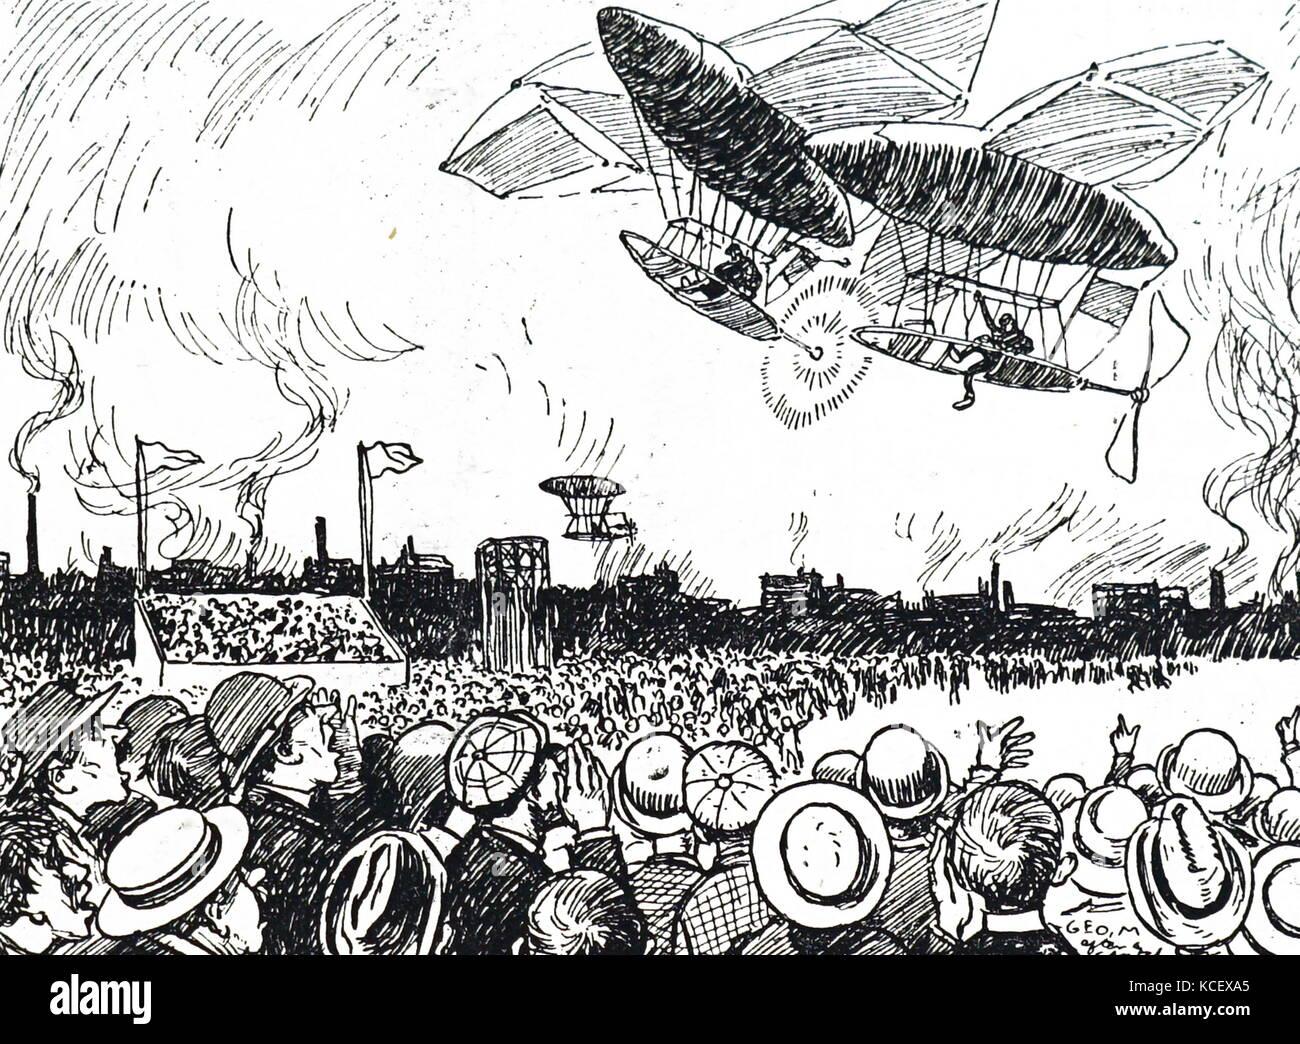 Caricatura horrorizados espectadores viendo colisionan dos aviones durante un aire-show. fechada el siglo xx Foto de stock